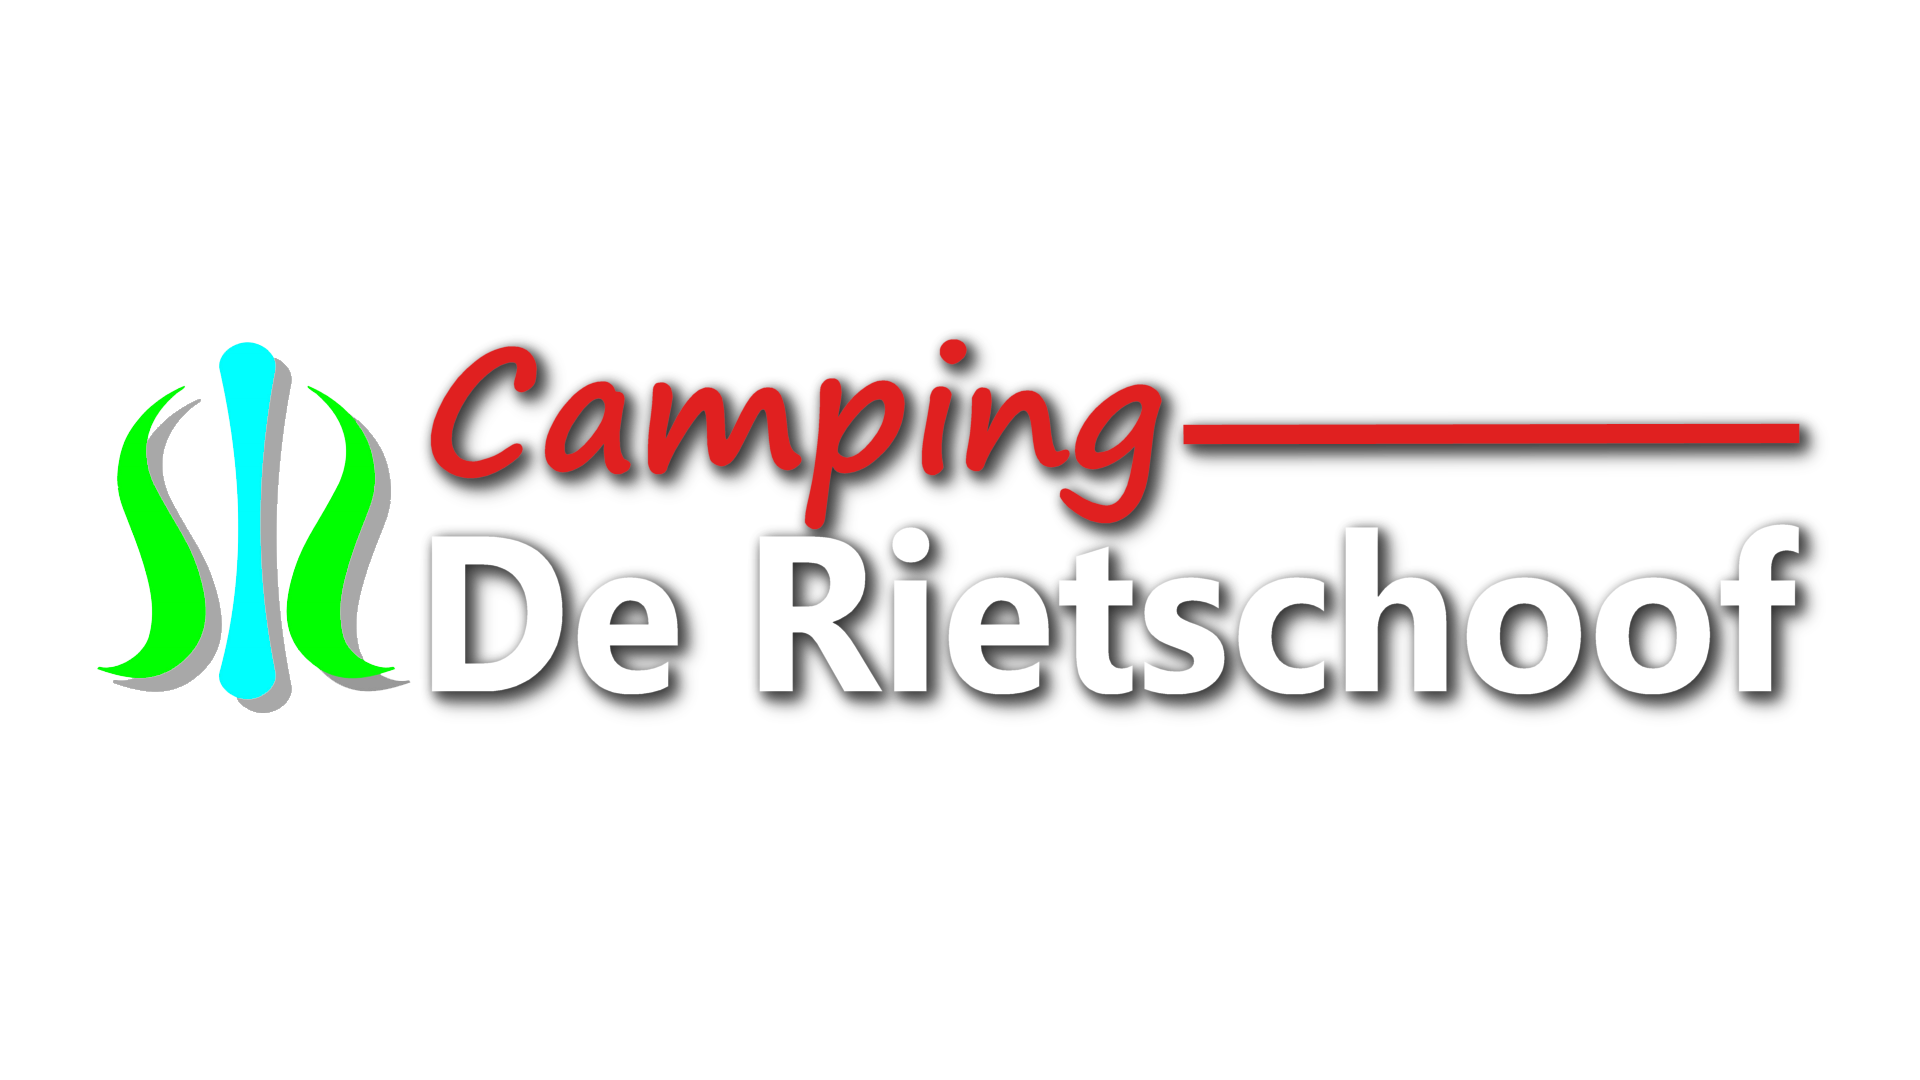 Camping de Rietschoof